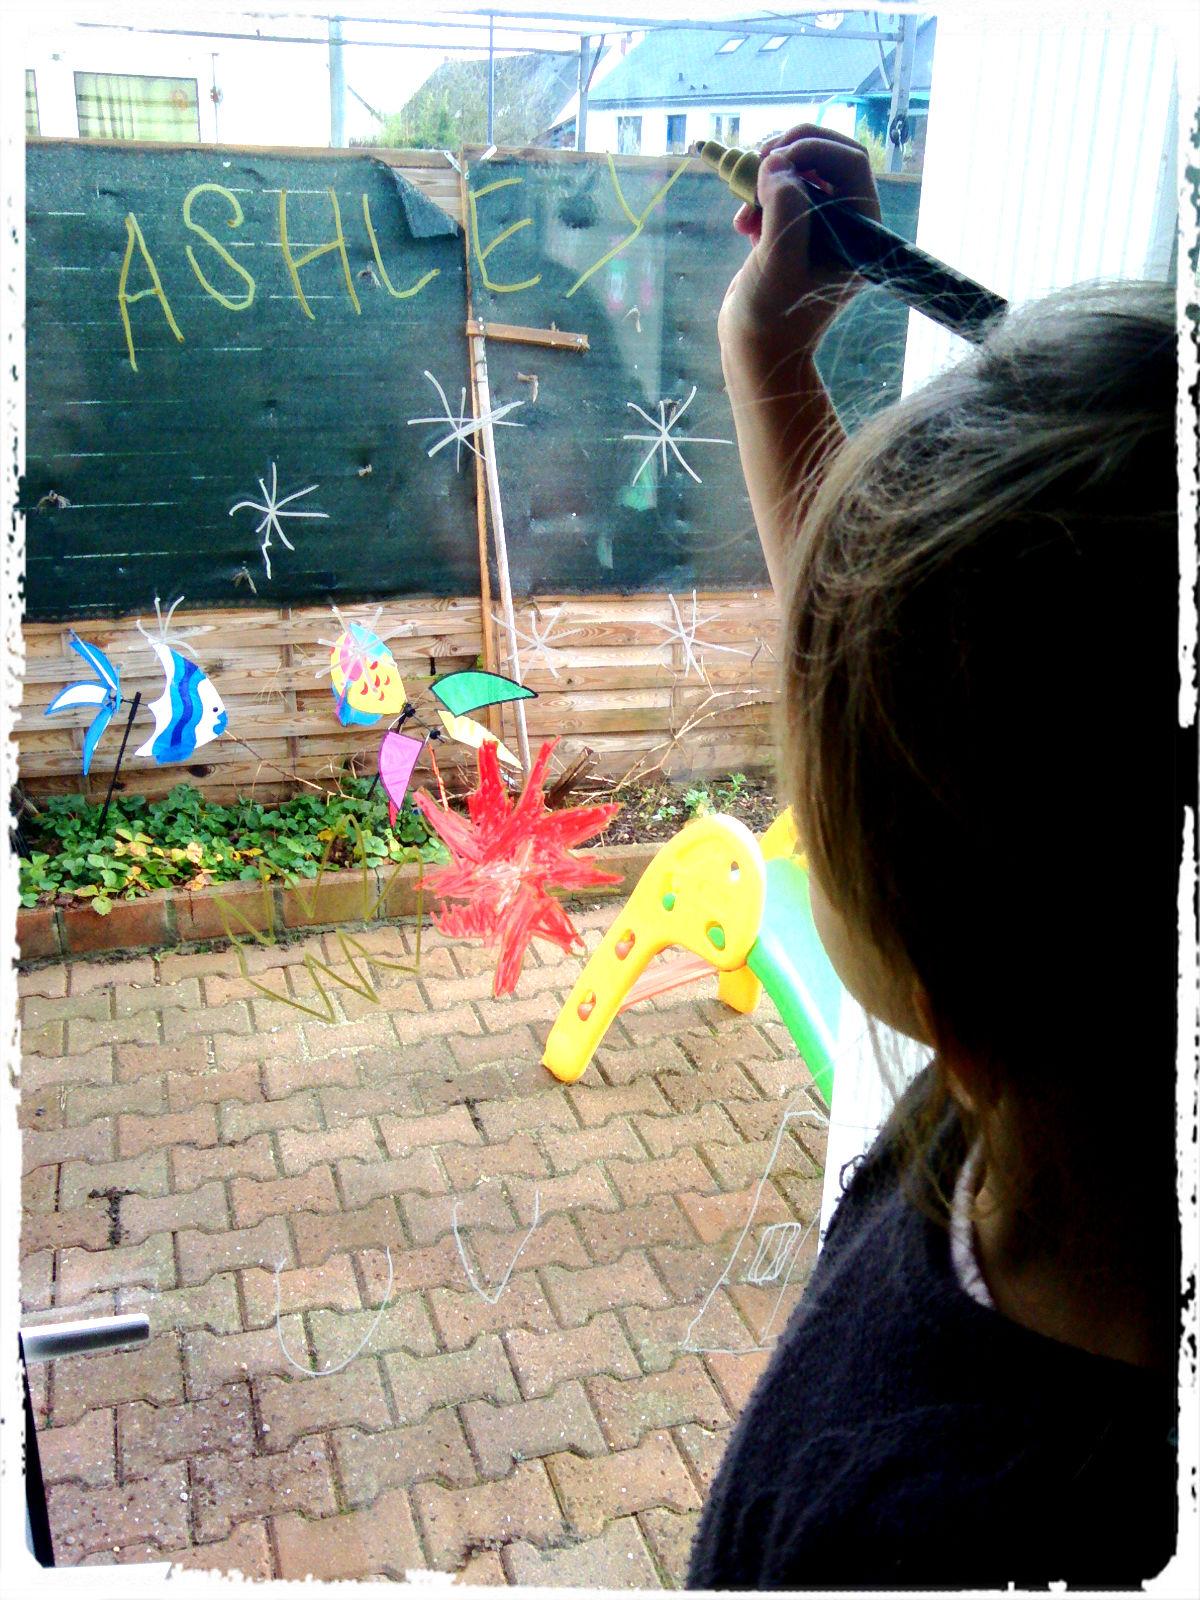 #3A7D91 Décorations De Fenêtre Pour Noël – Mes Humeurs Créatives  5491 décorations de noel pour vitres 1200x1600 px @ aertt.com